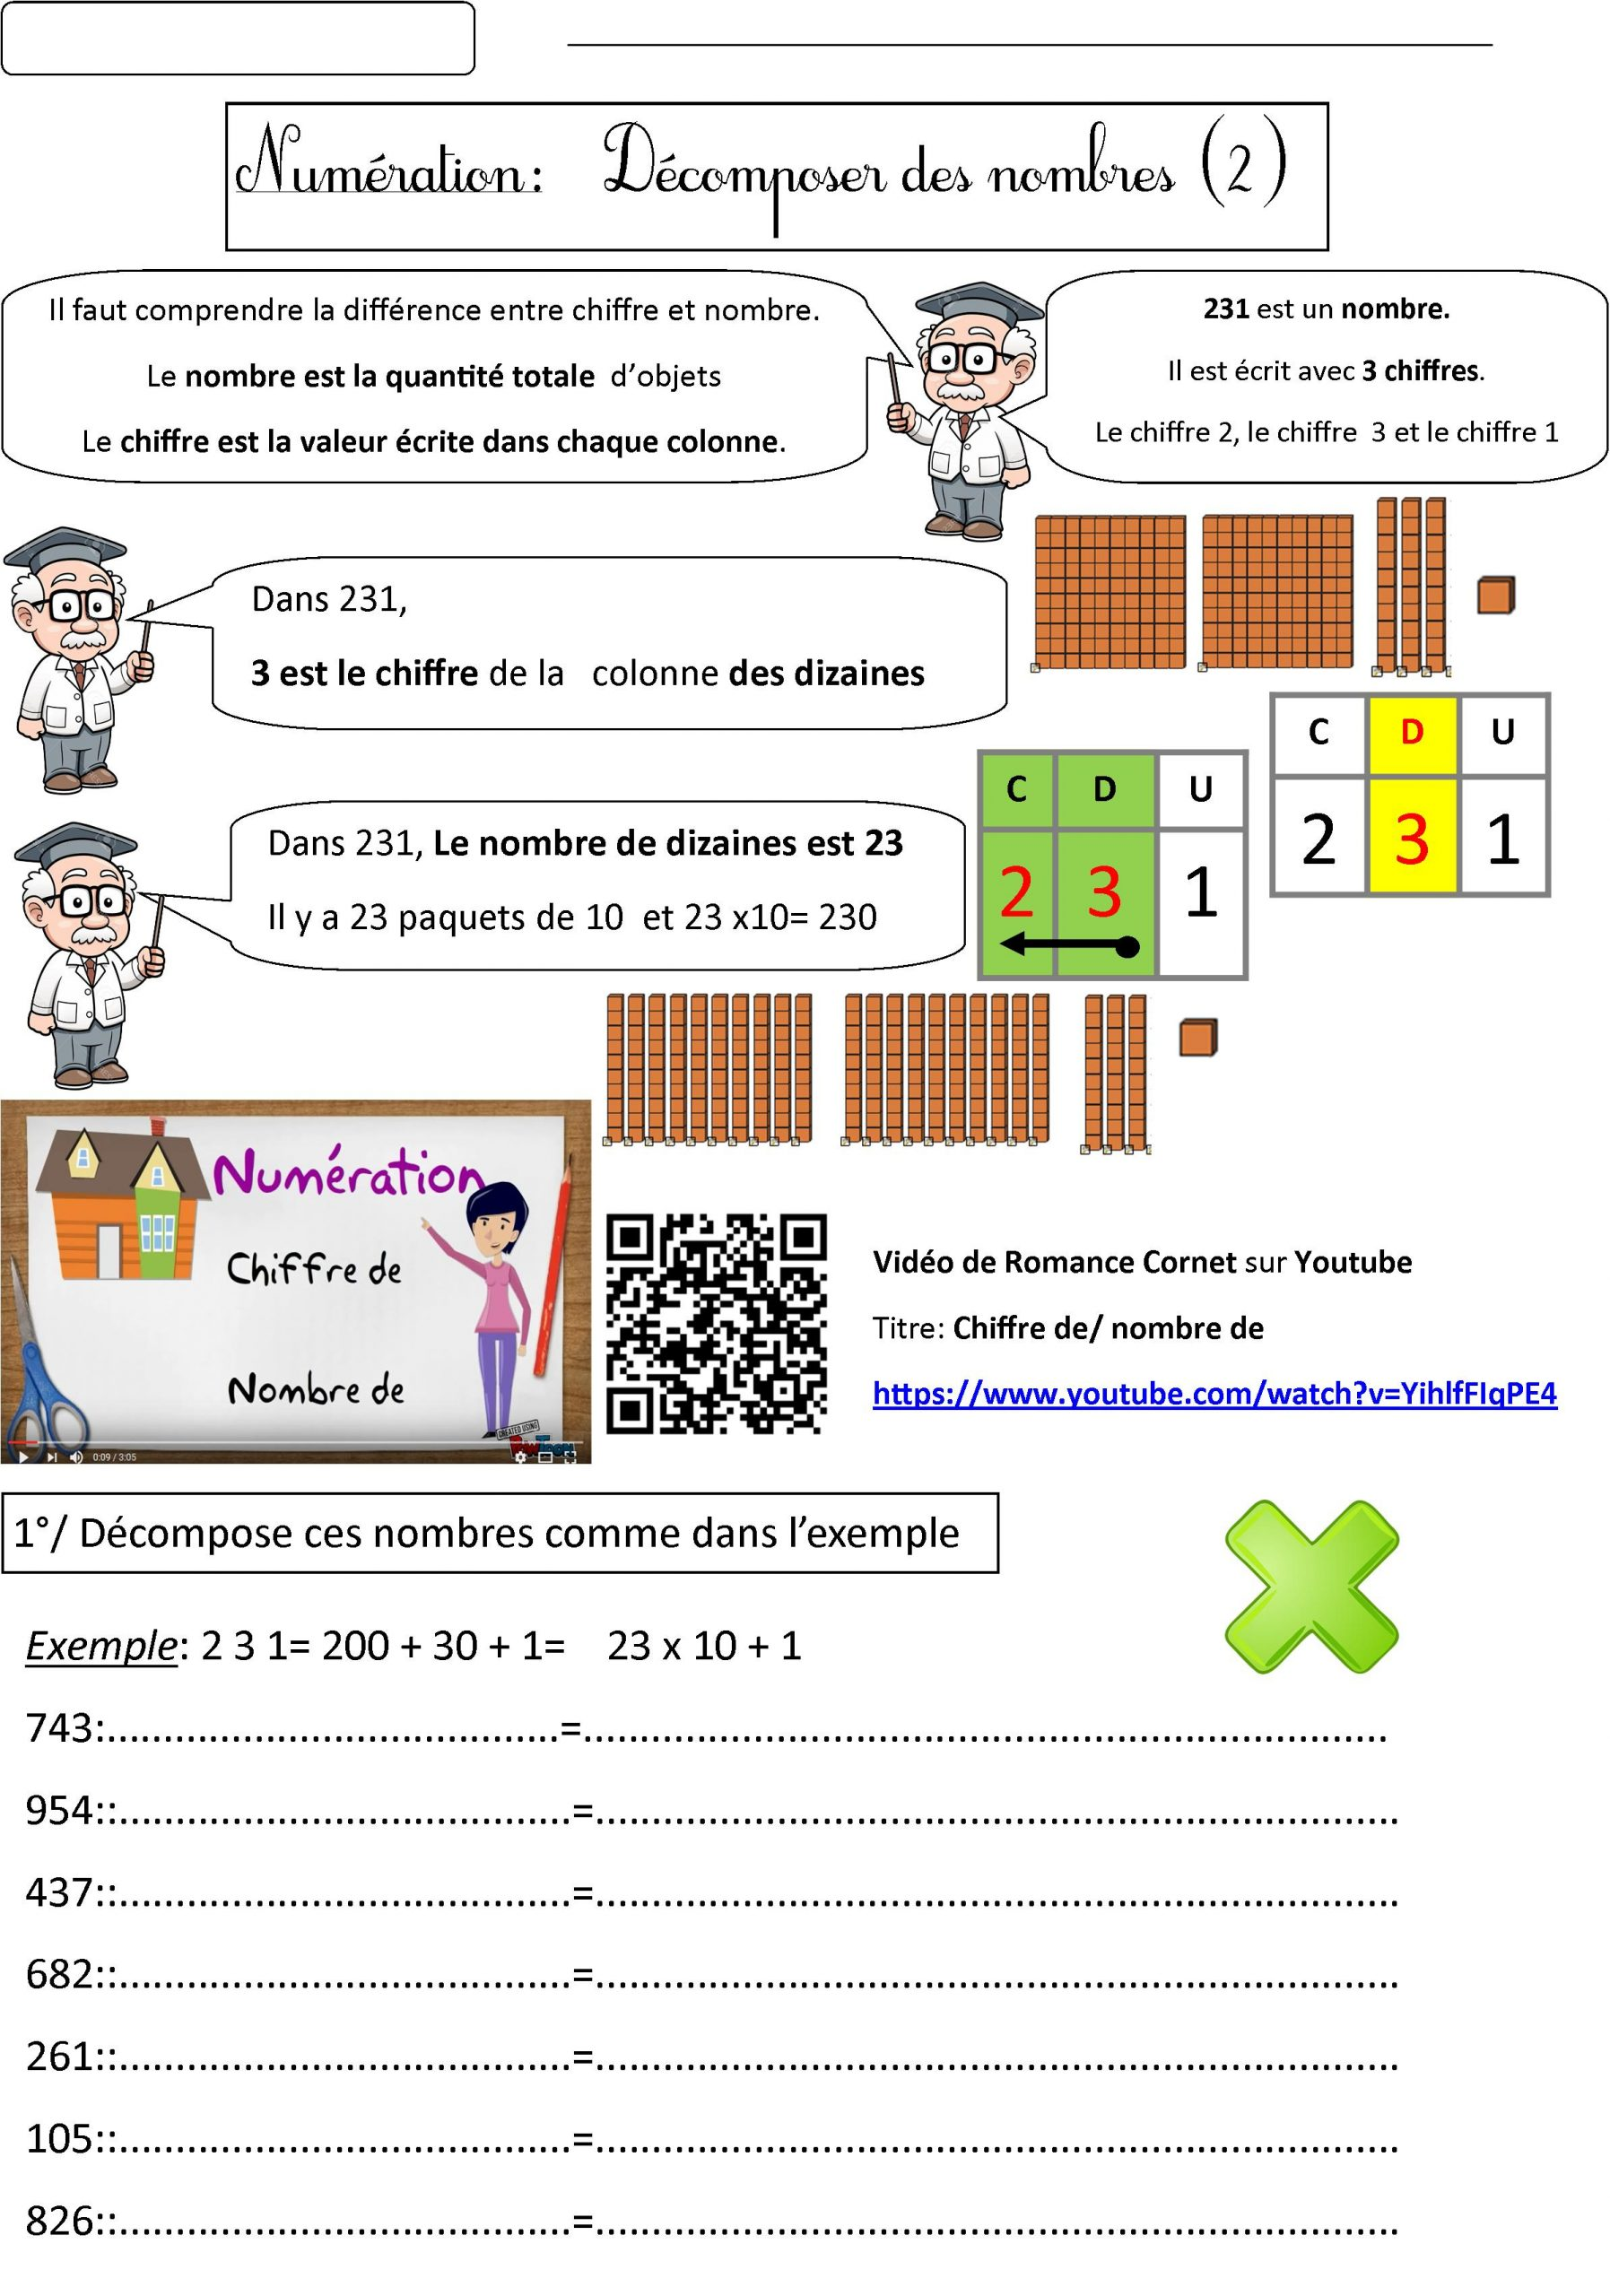 Mathématiques Ce2 | Le Blog De Monsieur Mathieu concernant Jeux Mathématiques Ce2 À Imprimer